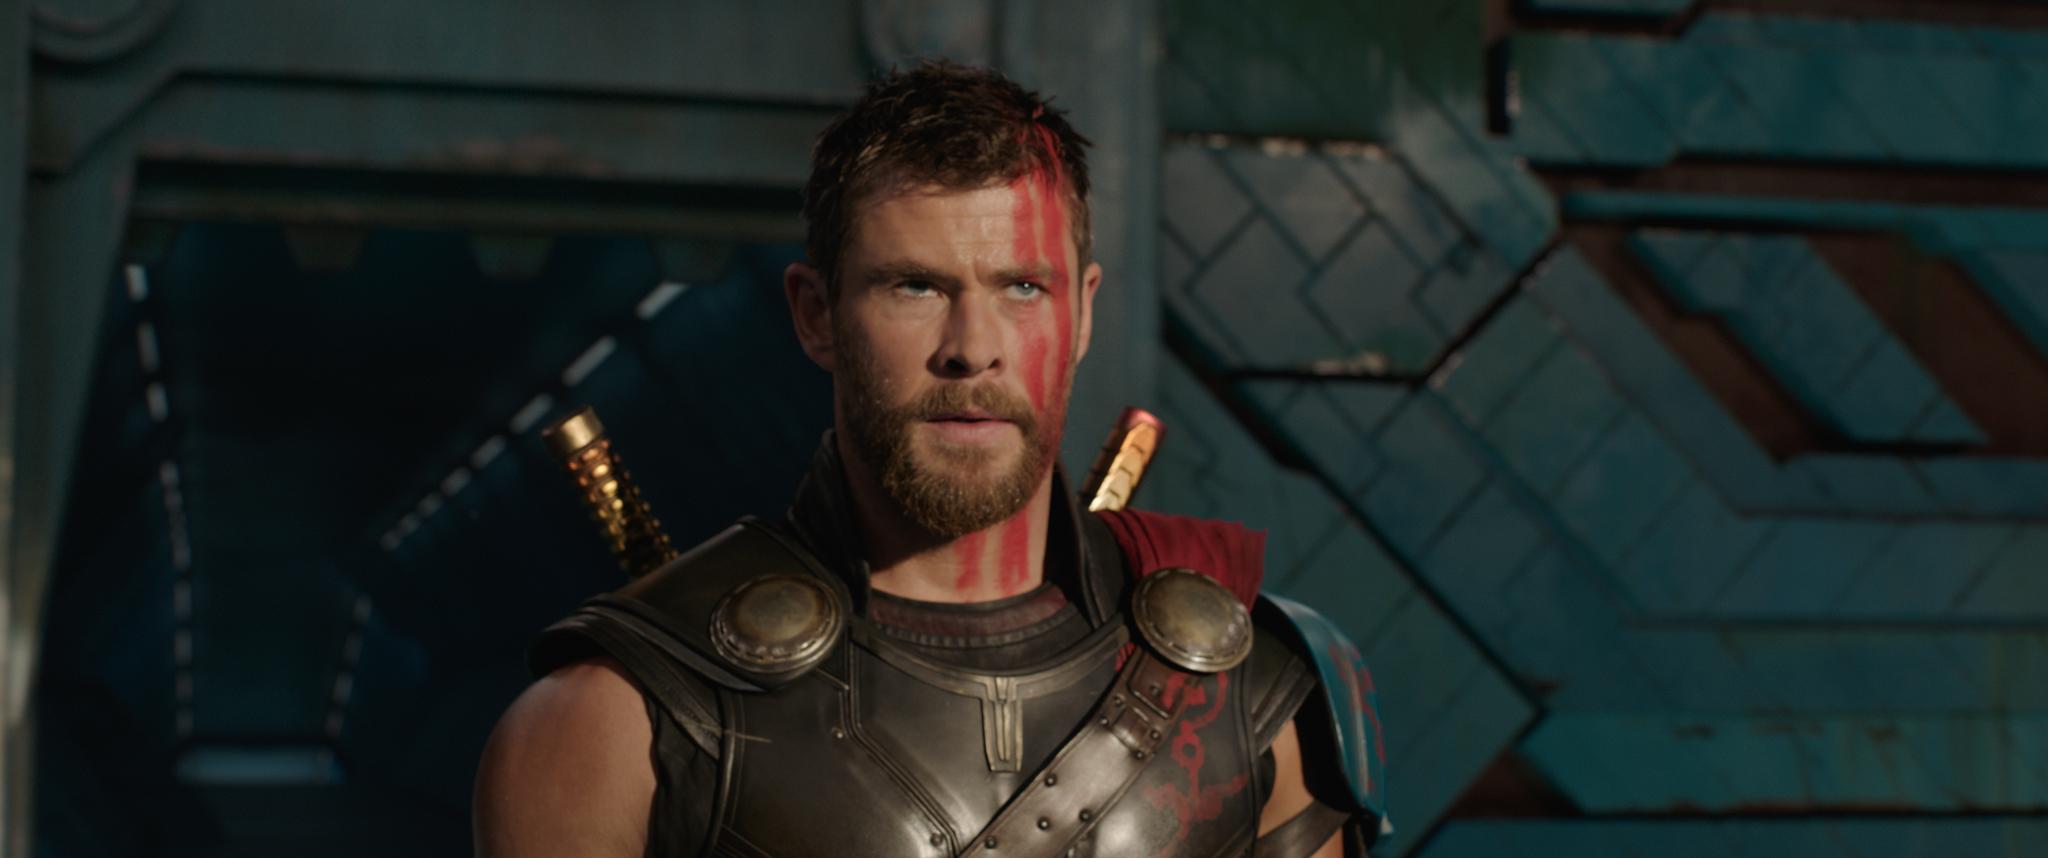 A ator Chris Hemsworth como Thor, sem seu capacete e de cabelos curtos